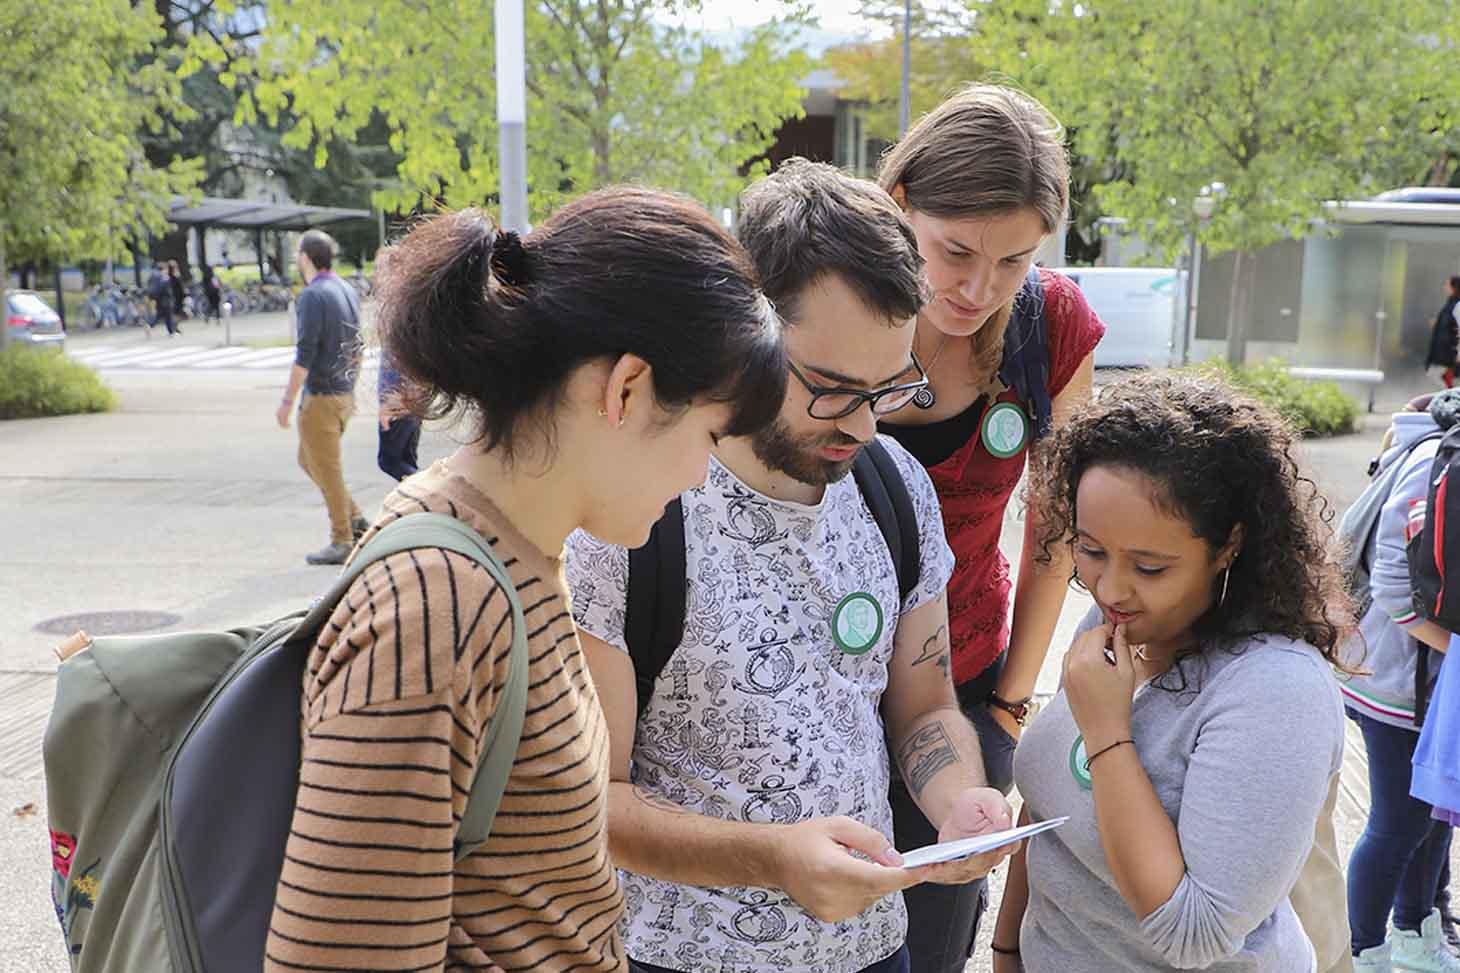 Etudiants sur le campus durant une chasse au trésor